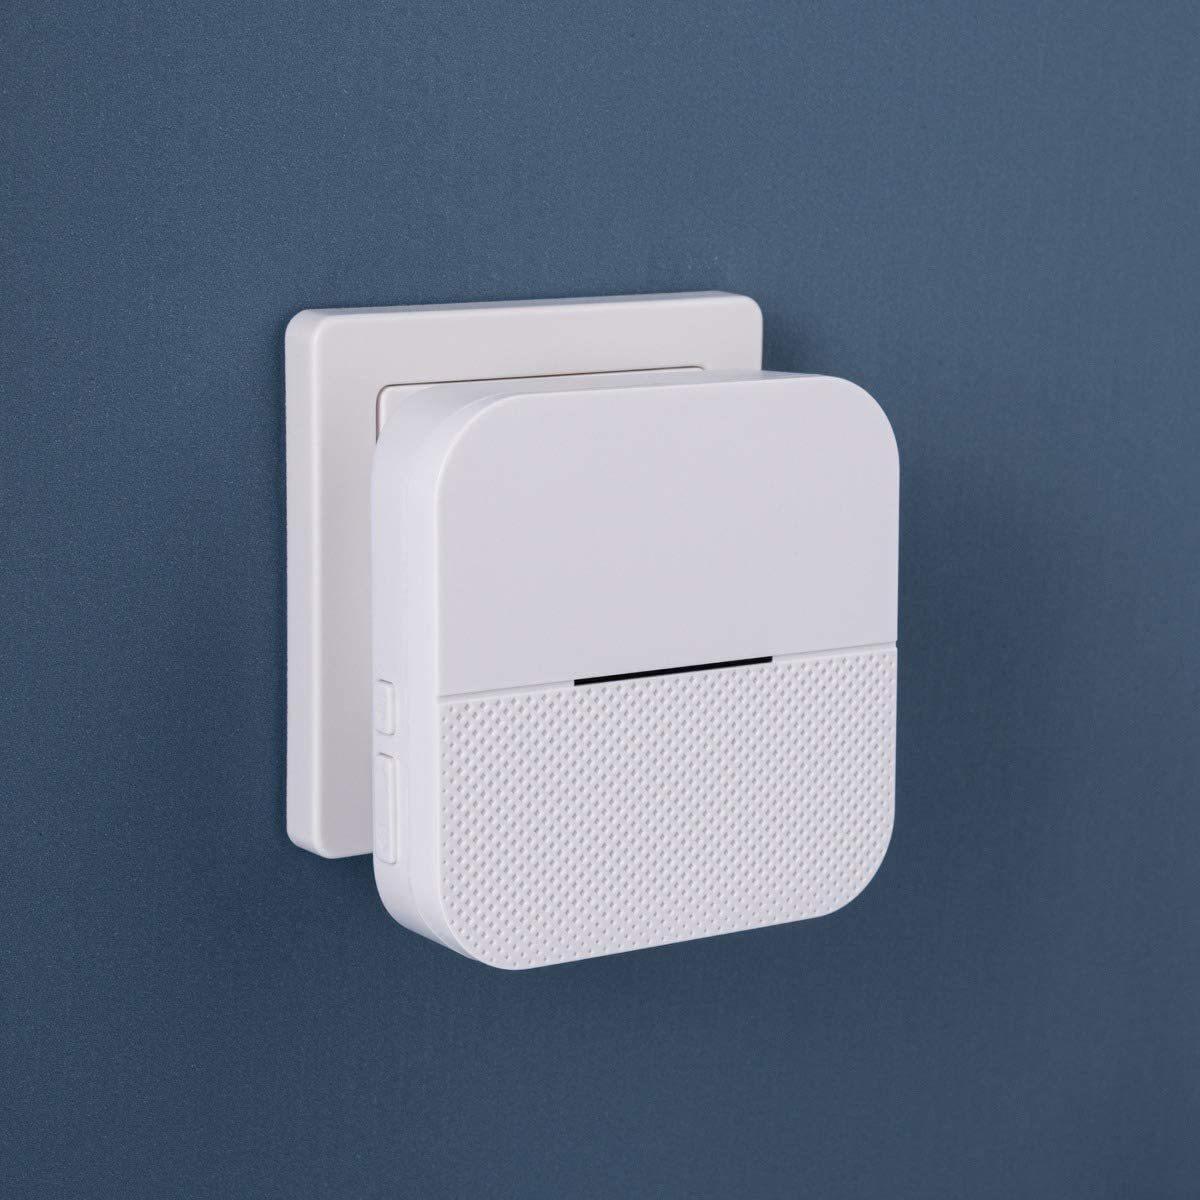 Carillon connectée pour sonnette Smart Doorbell